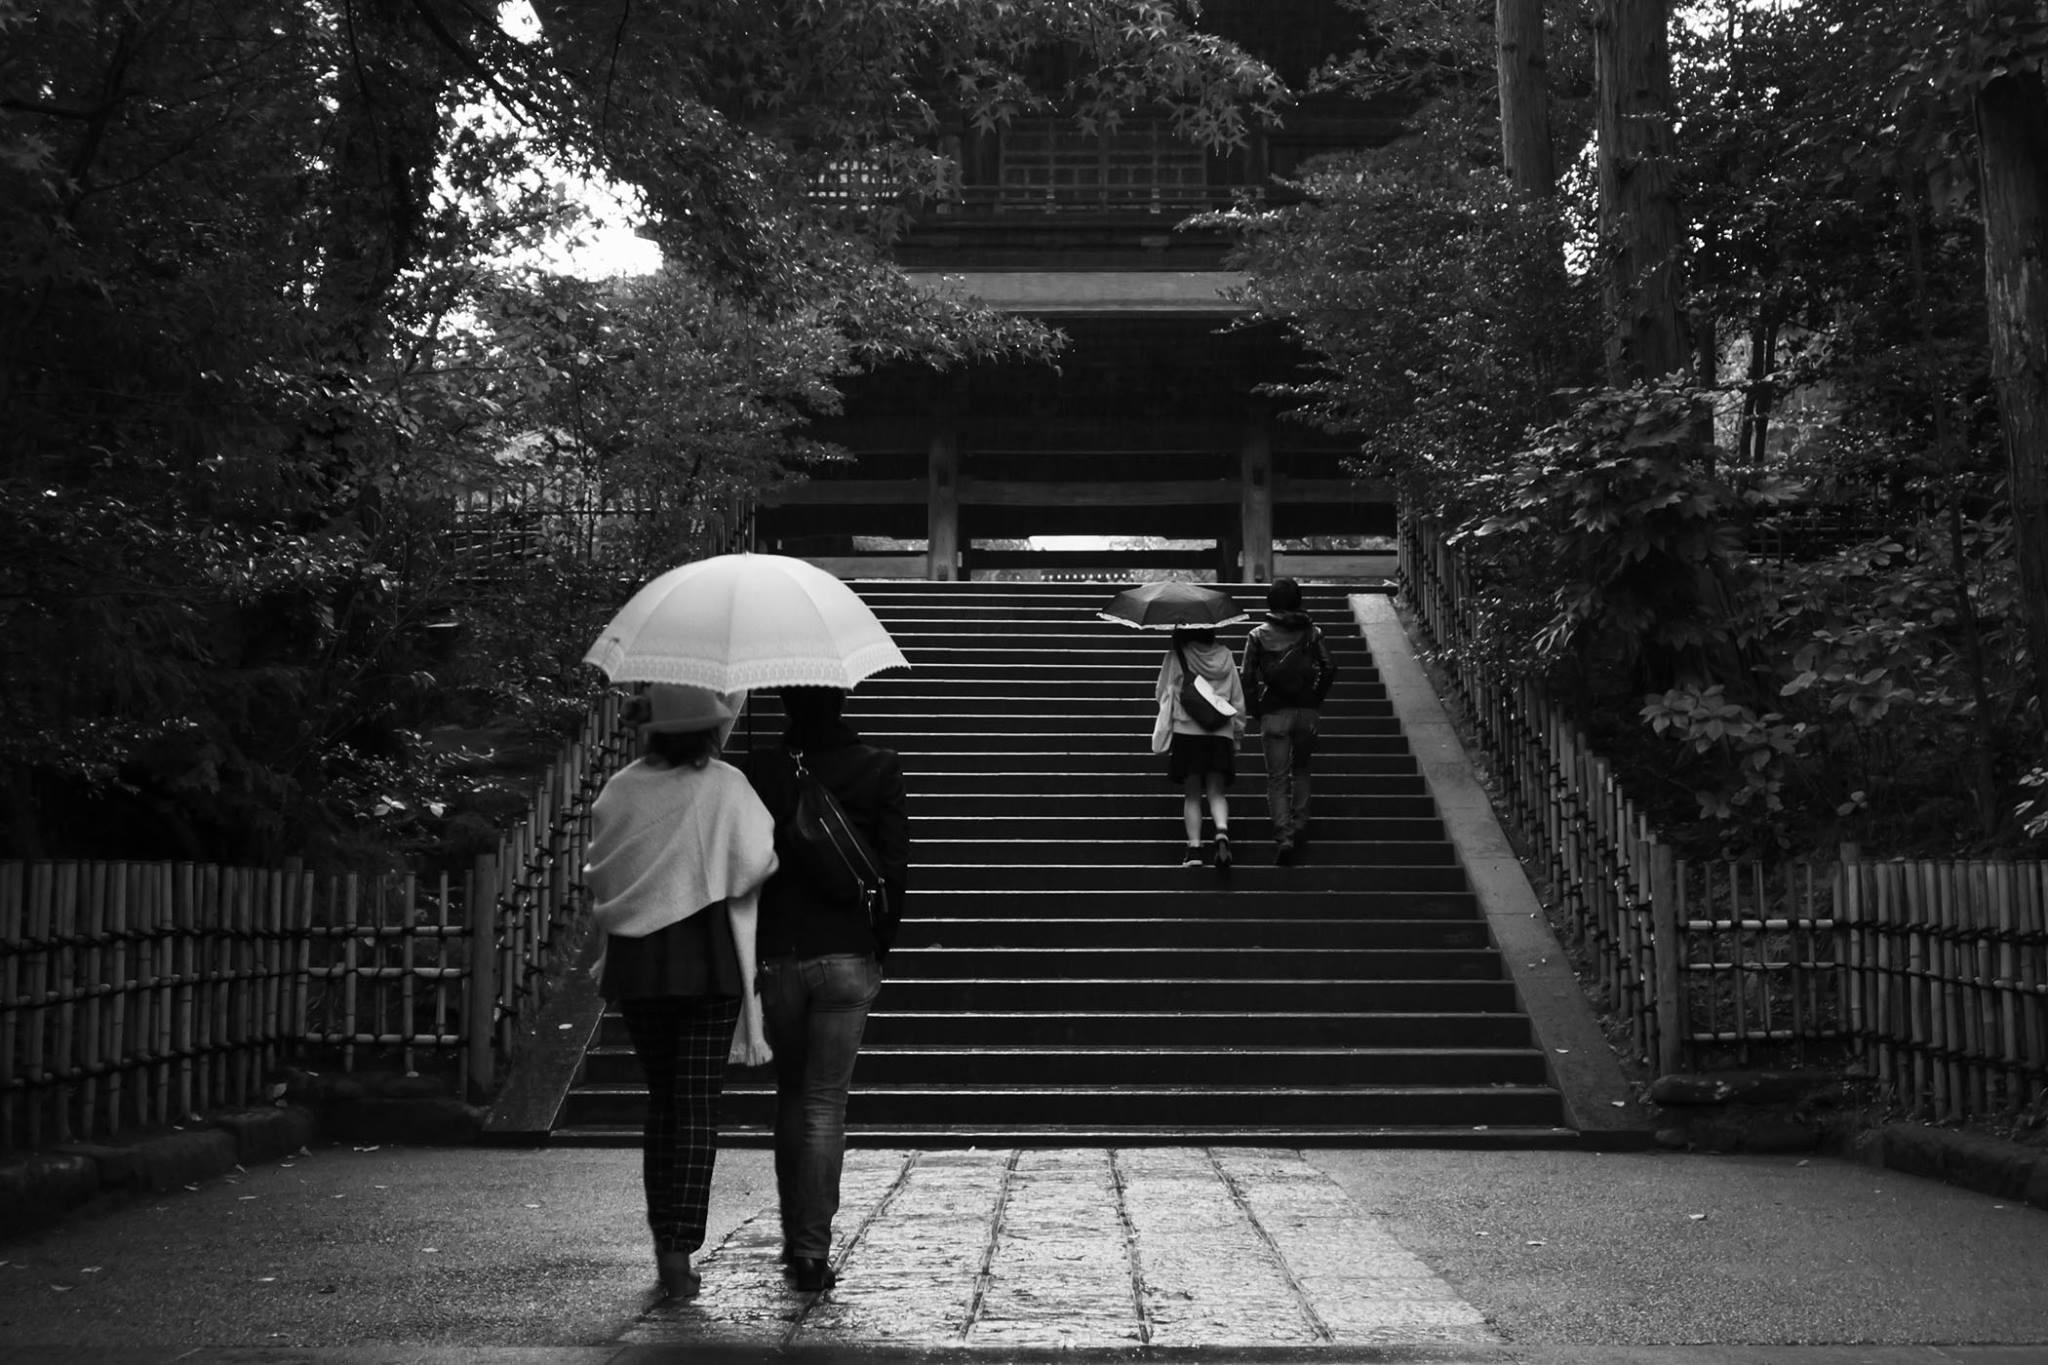 16.12.01_小雨の古刹と男と女_ニシウミタケシ